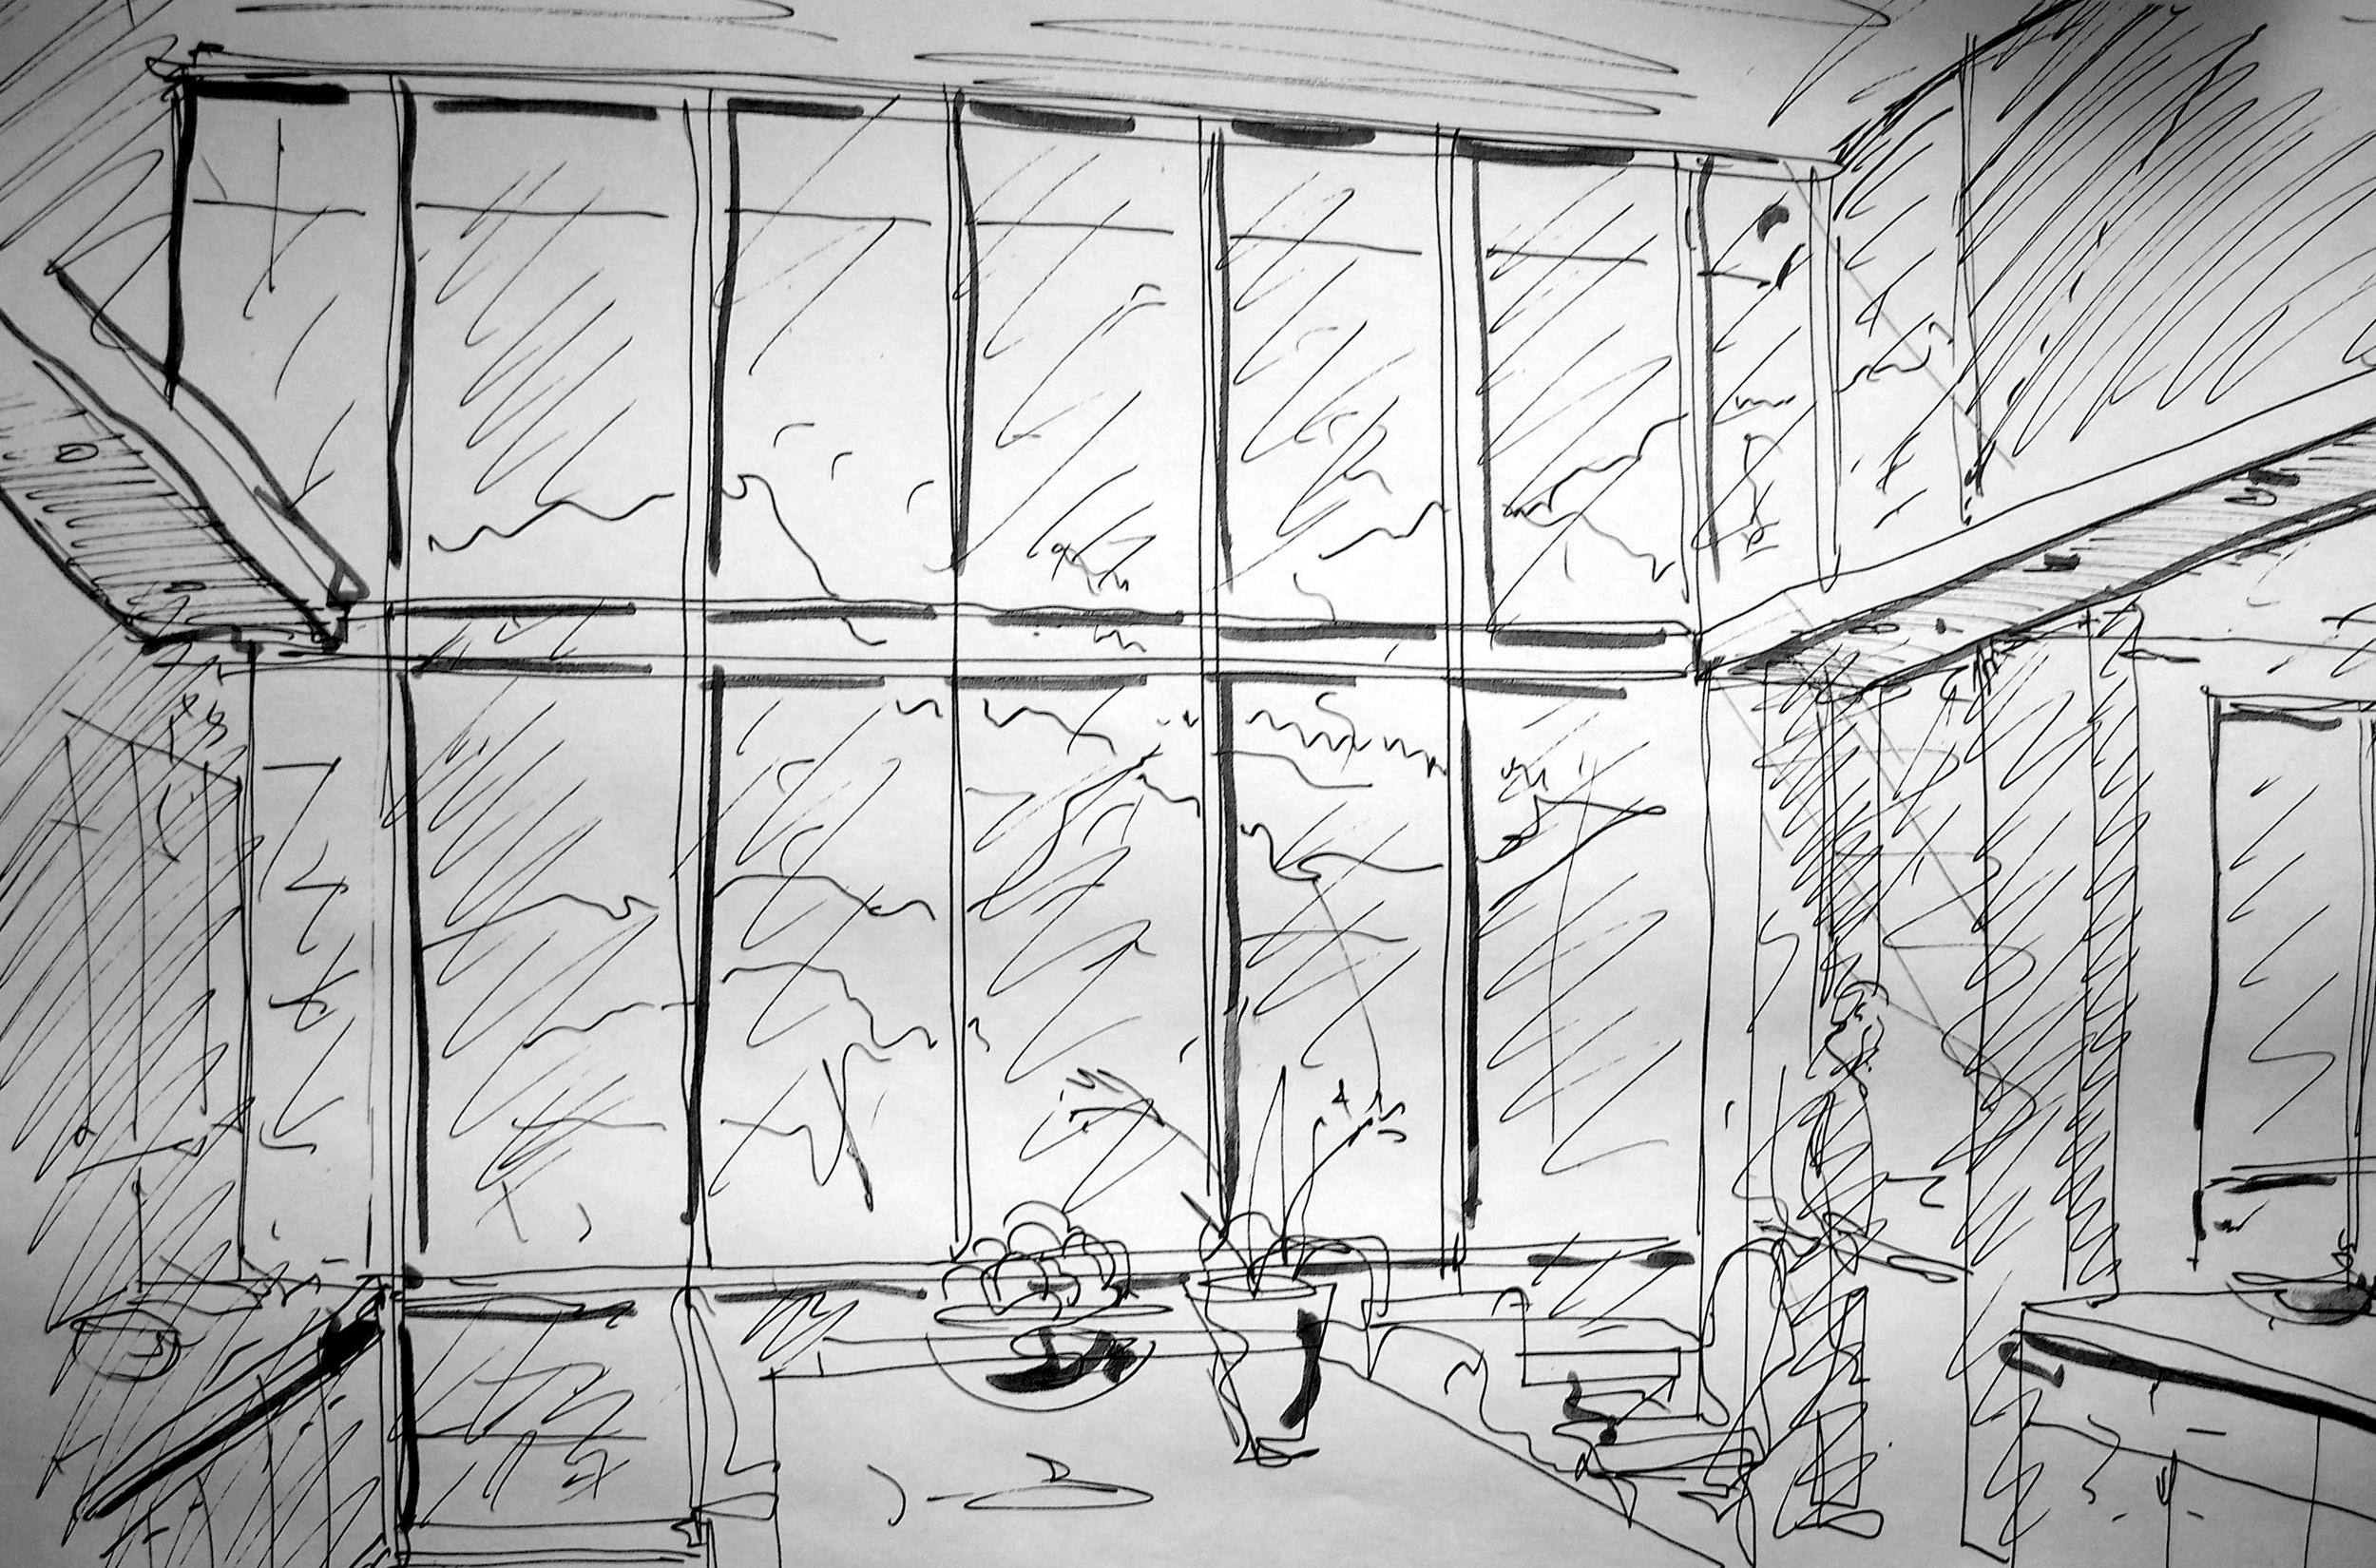 JC misc sketches 022.jpg